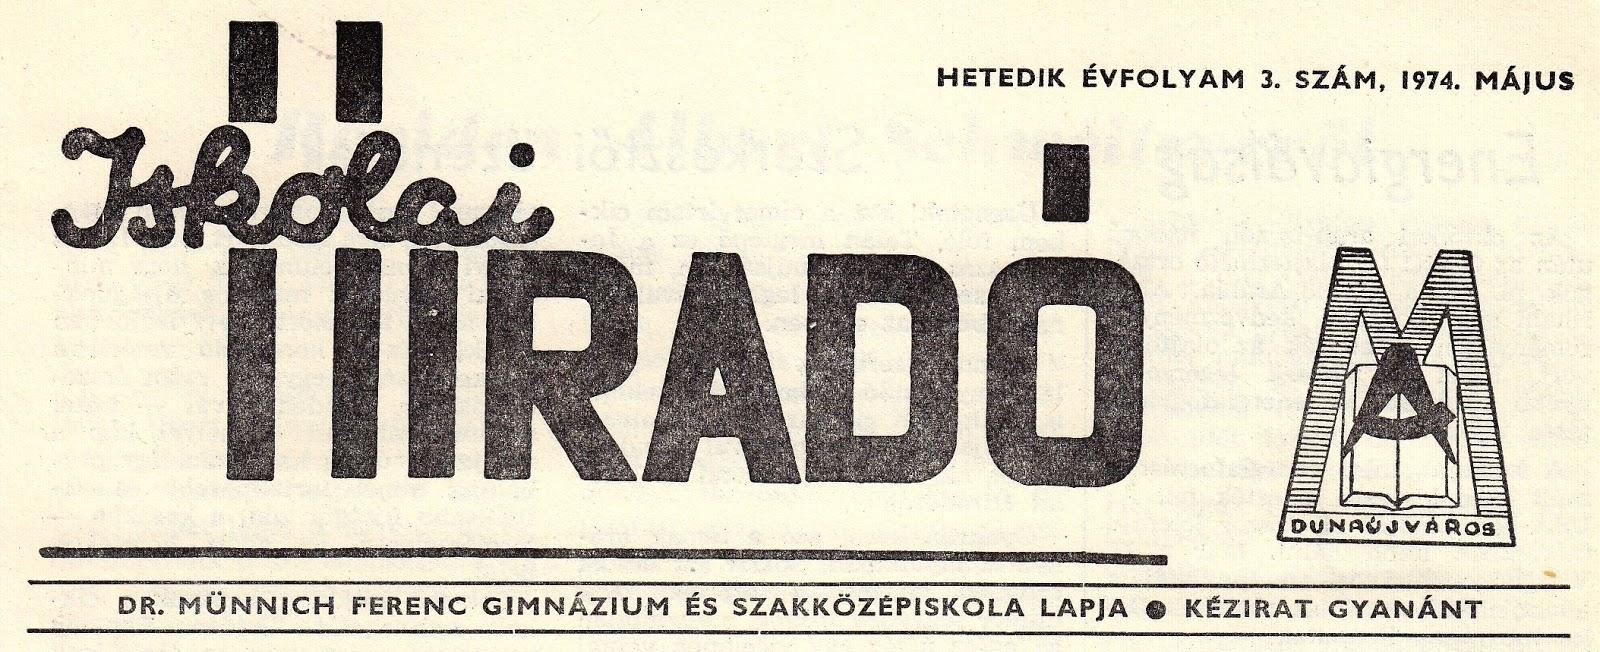 Iskolai híradó – 1974 május